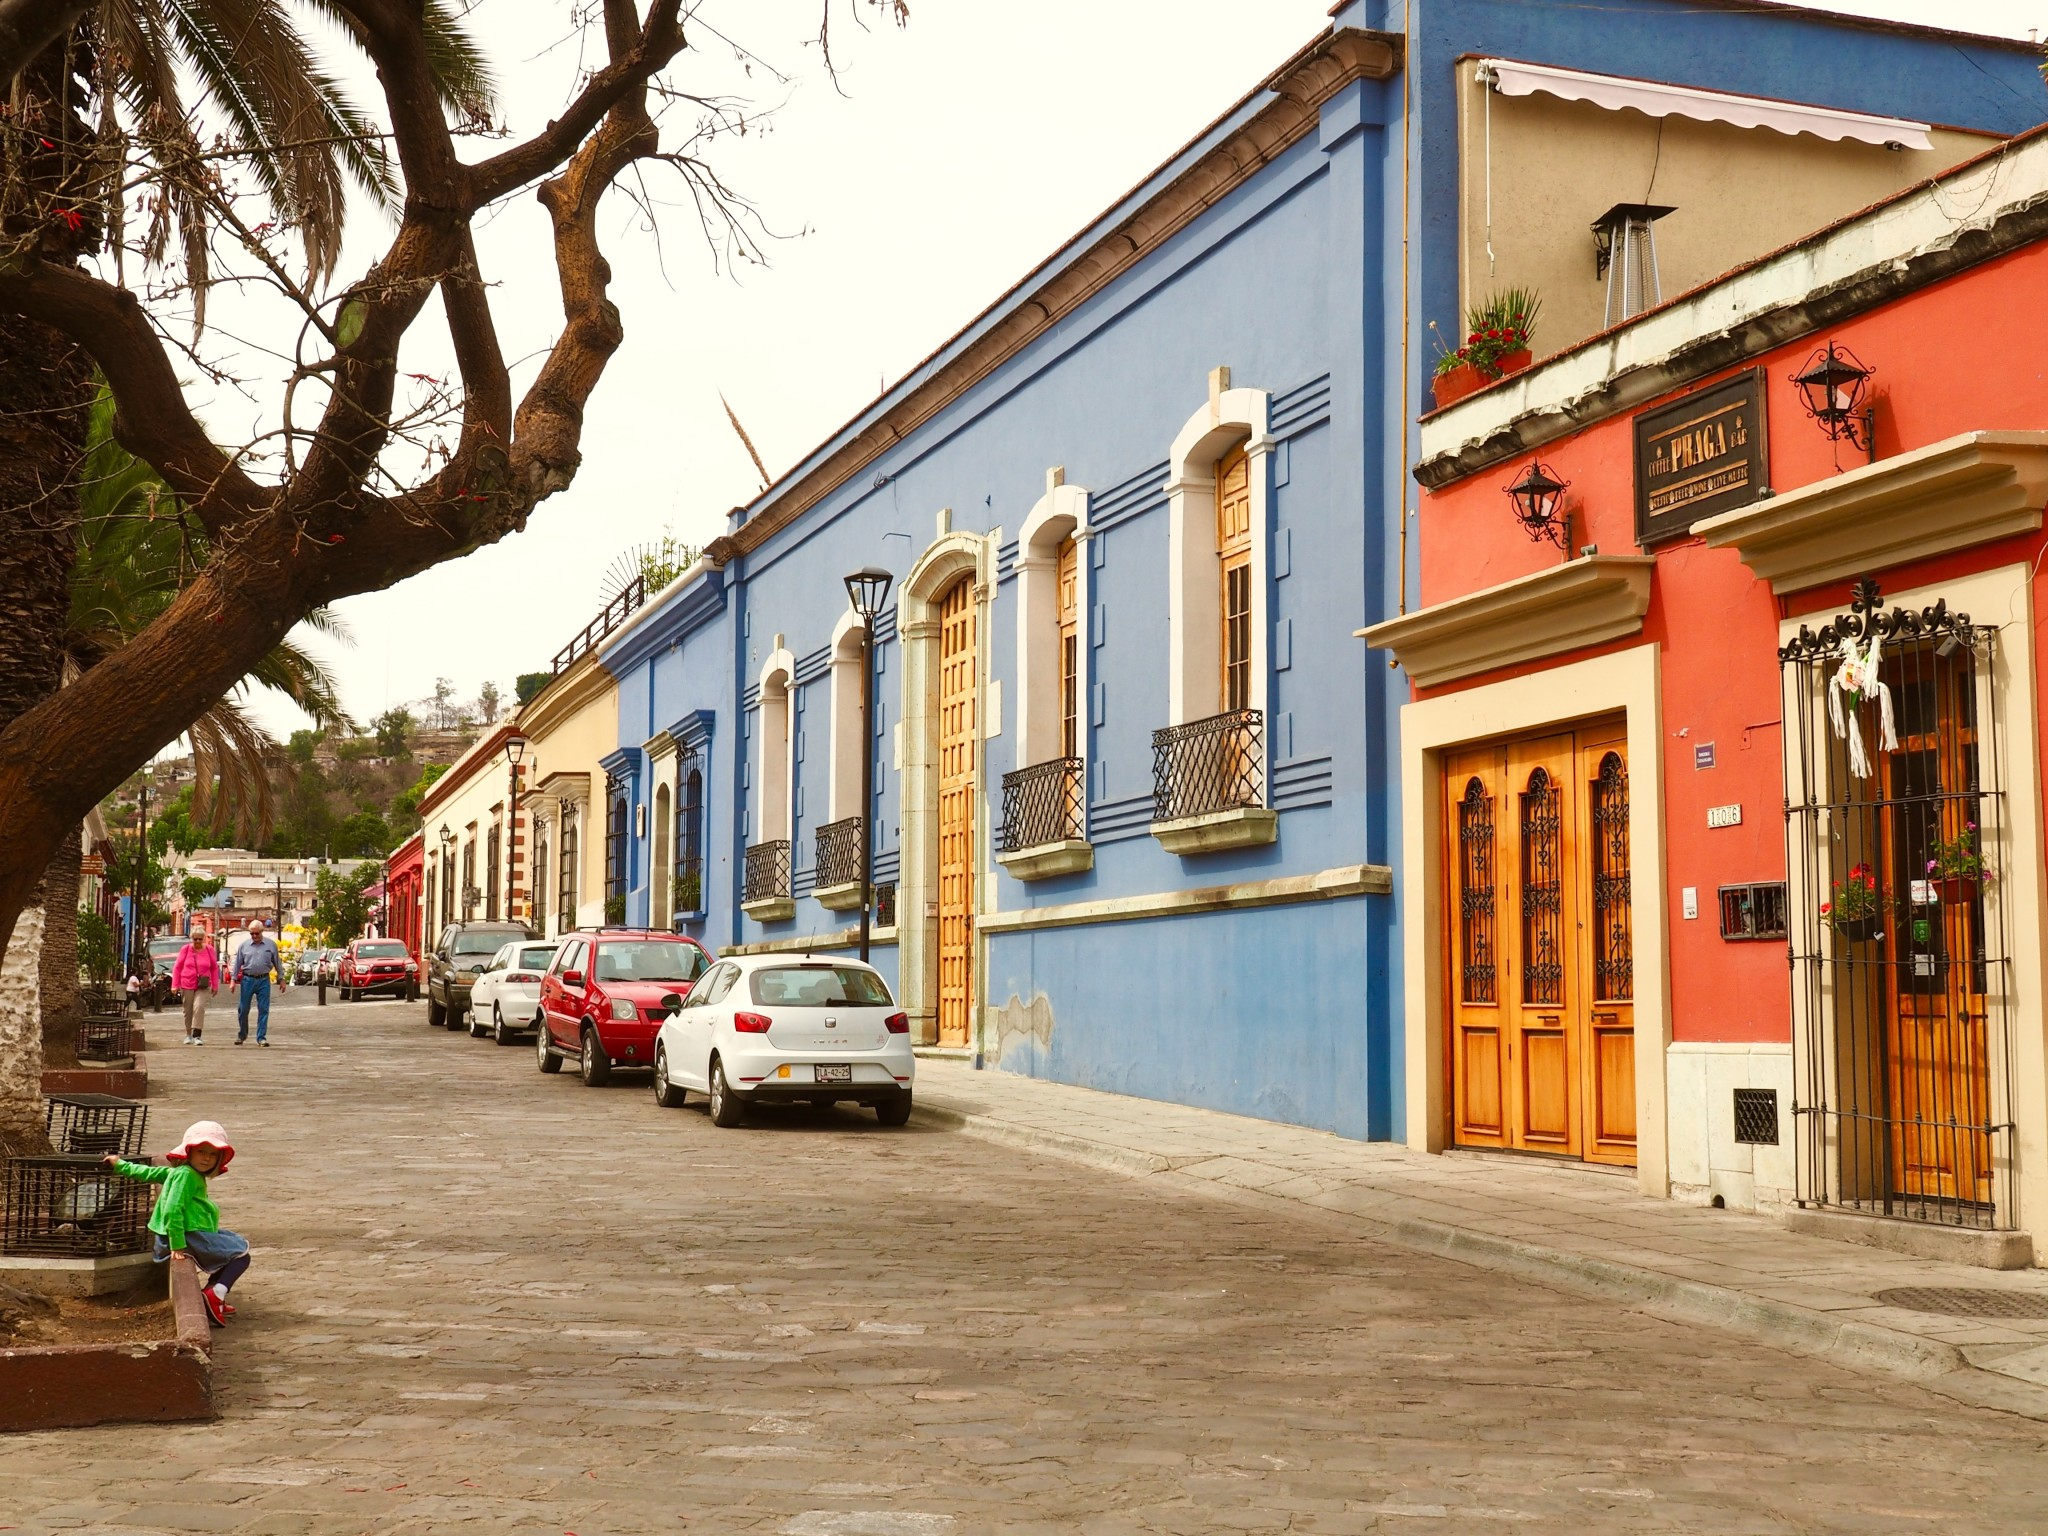 Typische Straße in Oaxaca